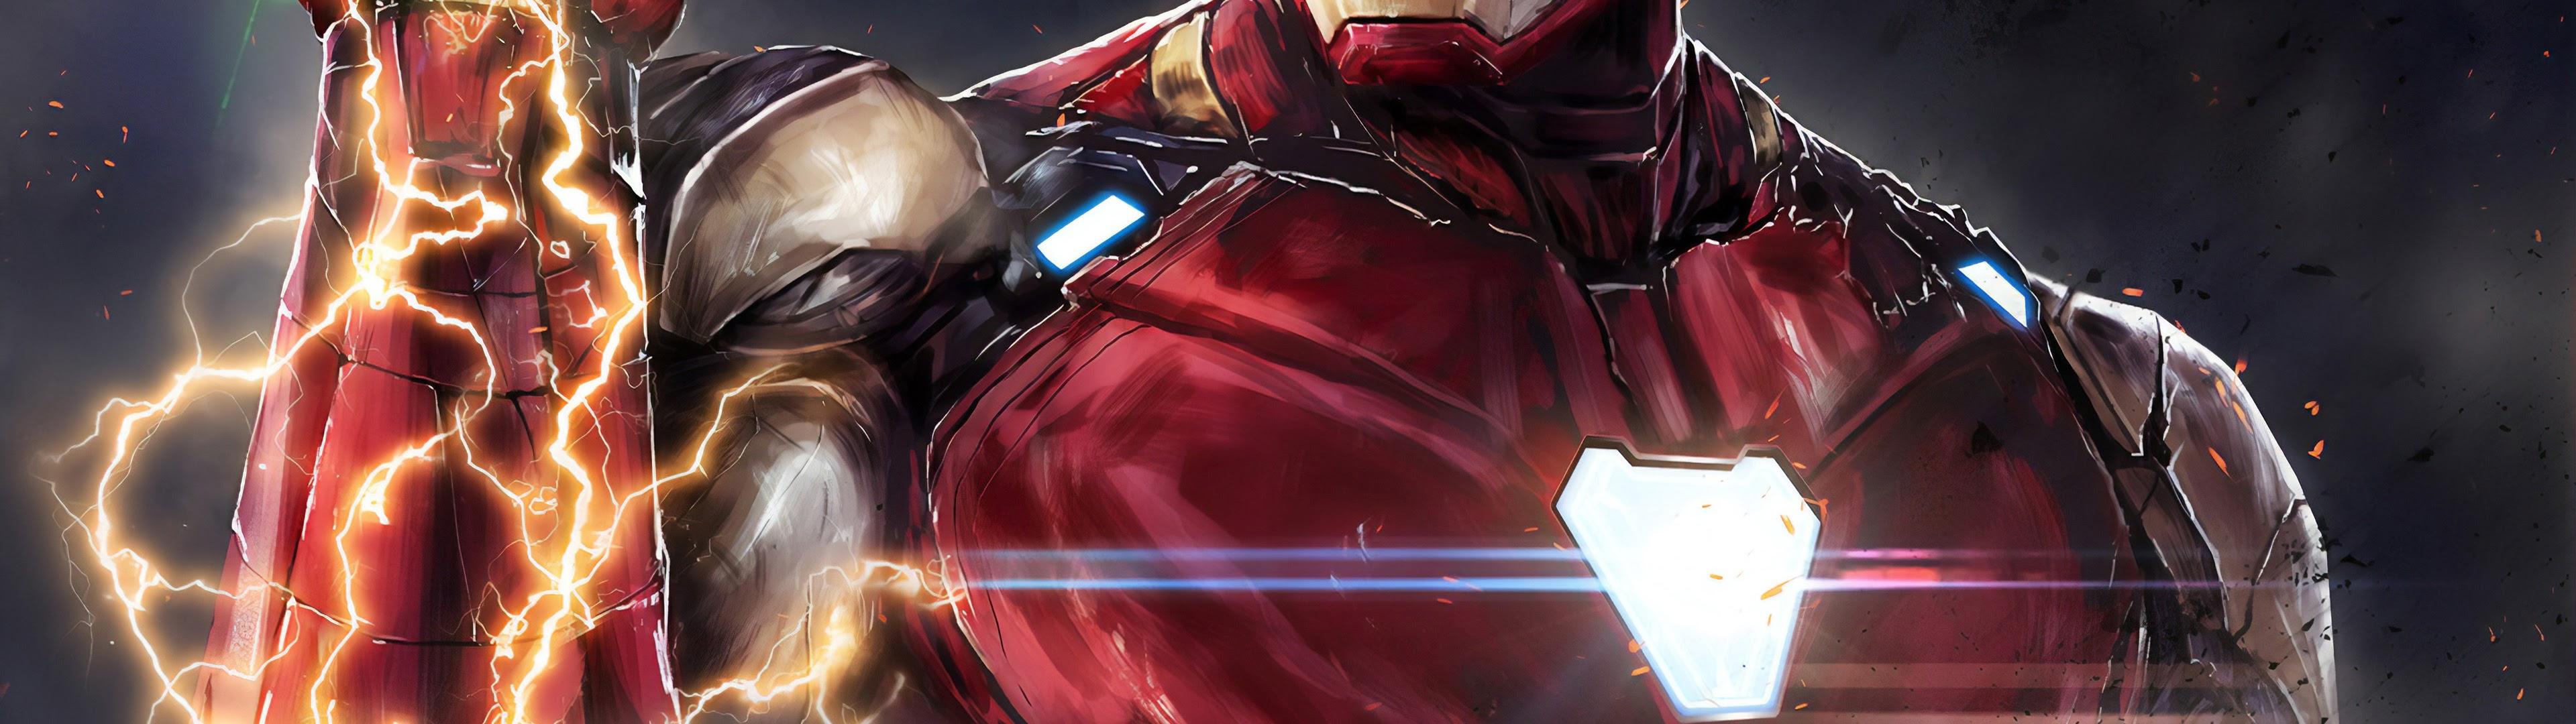 Iron Man Infinity Stones Avengers Endgame 4k Wallpaper 177